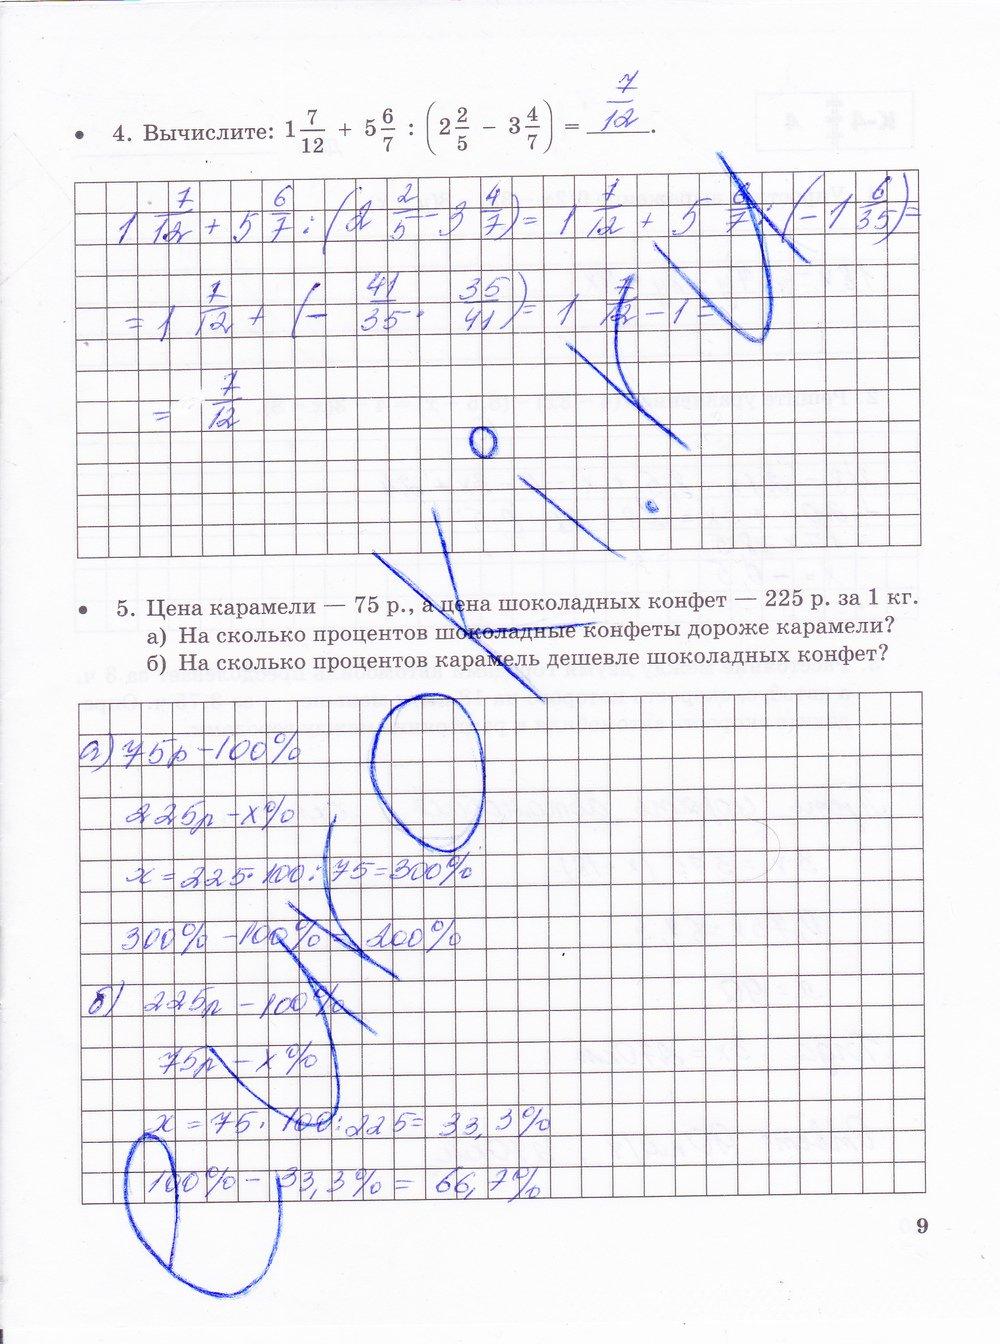 ГДЗ по математике 6 класс тетрадь для контрольных работ Зубарева, Лепешонкова Мнемозина Часть 1, 2 ответы и решения онлайн. Задание: стр. 8